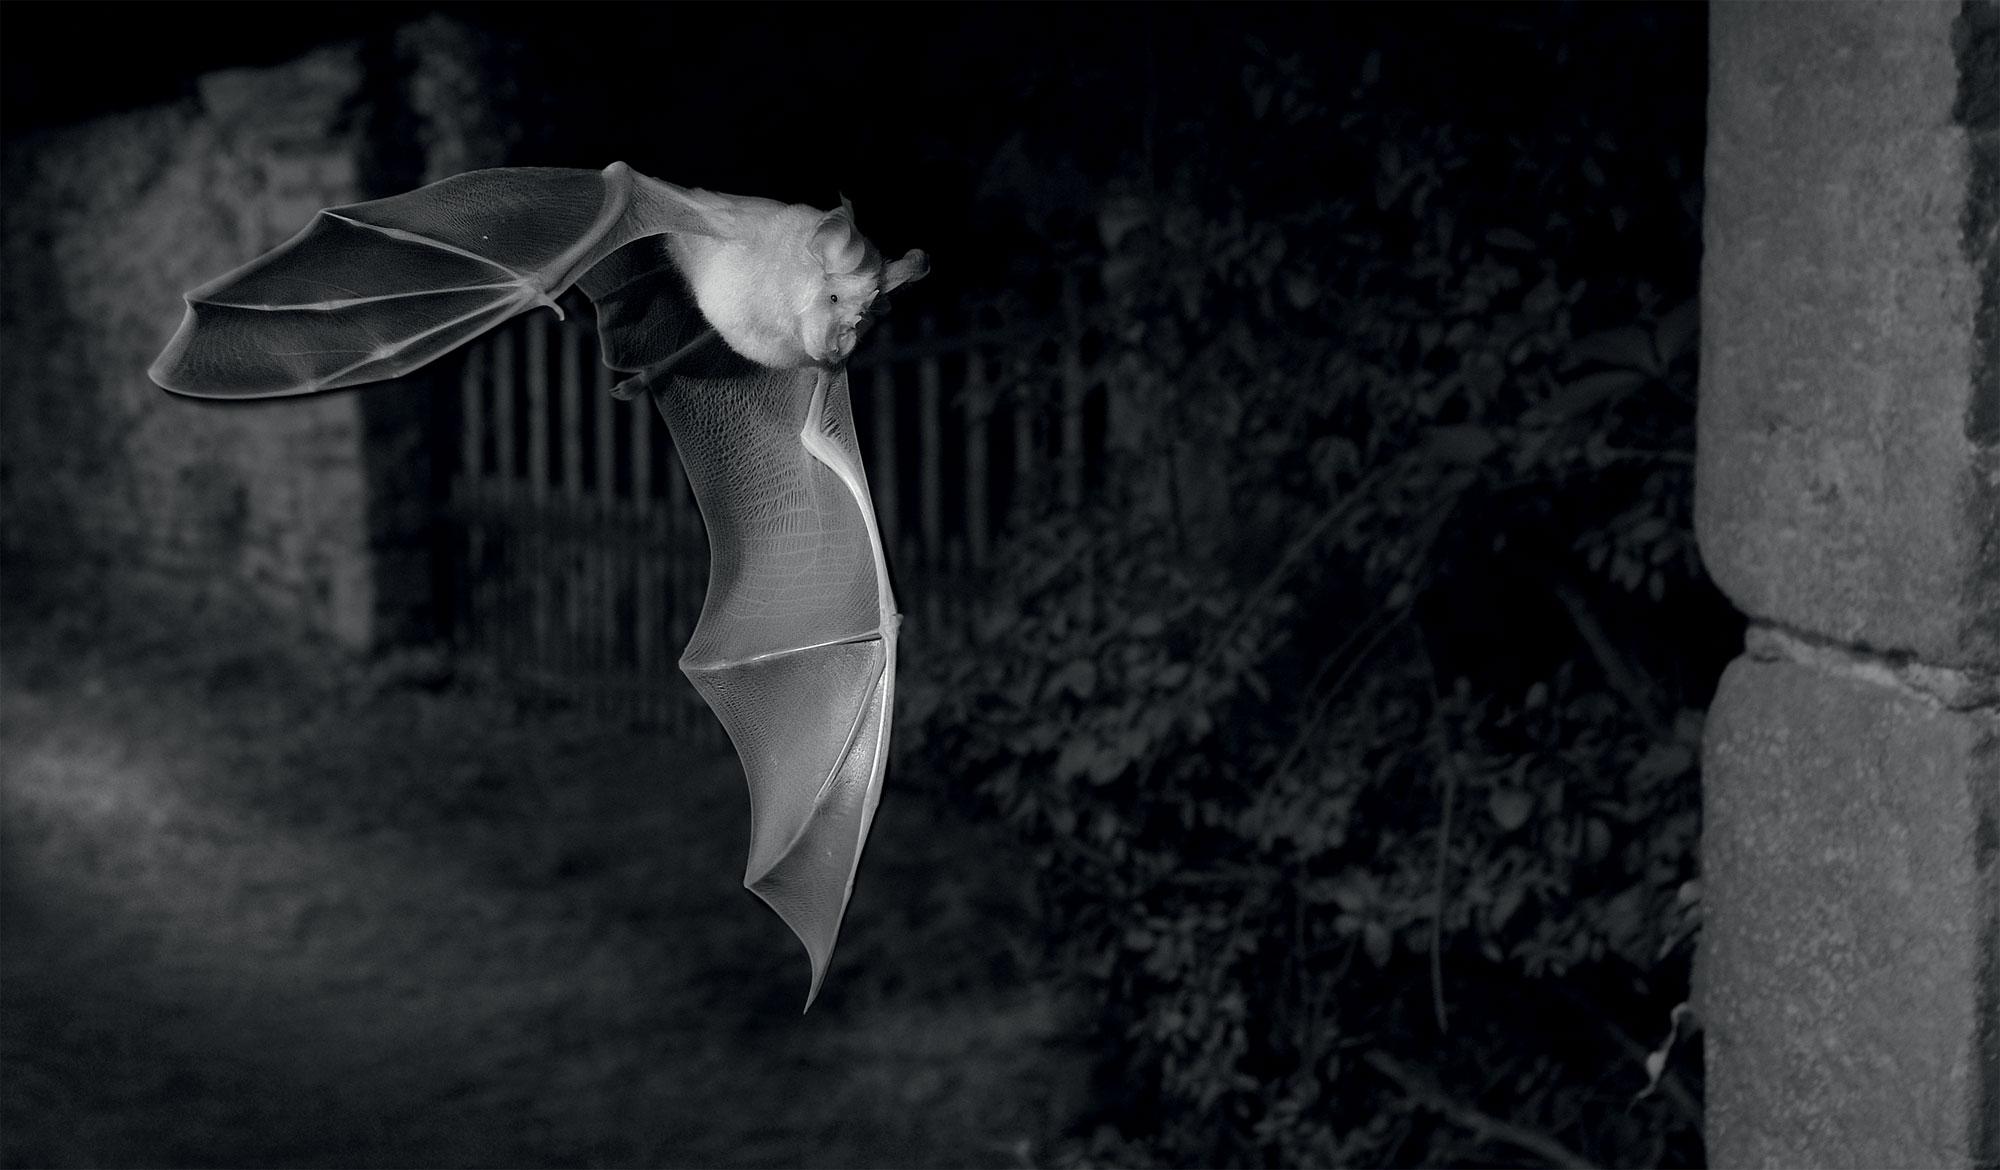 Grand rhinolophe photographié de nuit en infrarouge